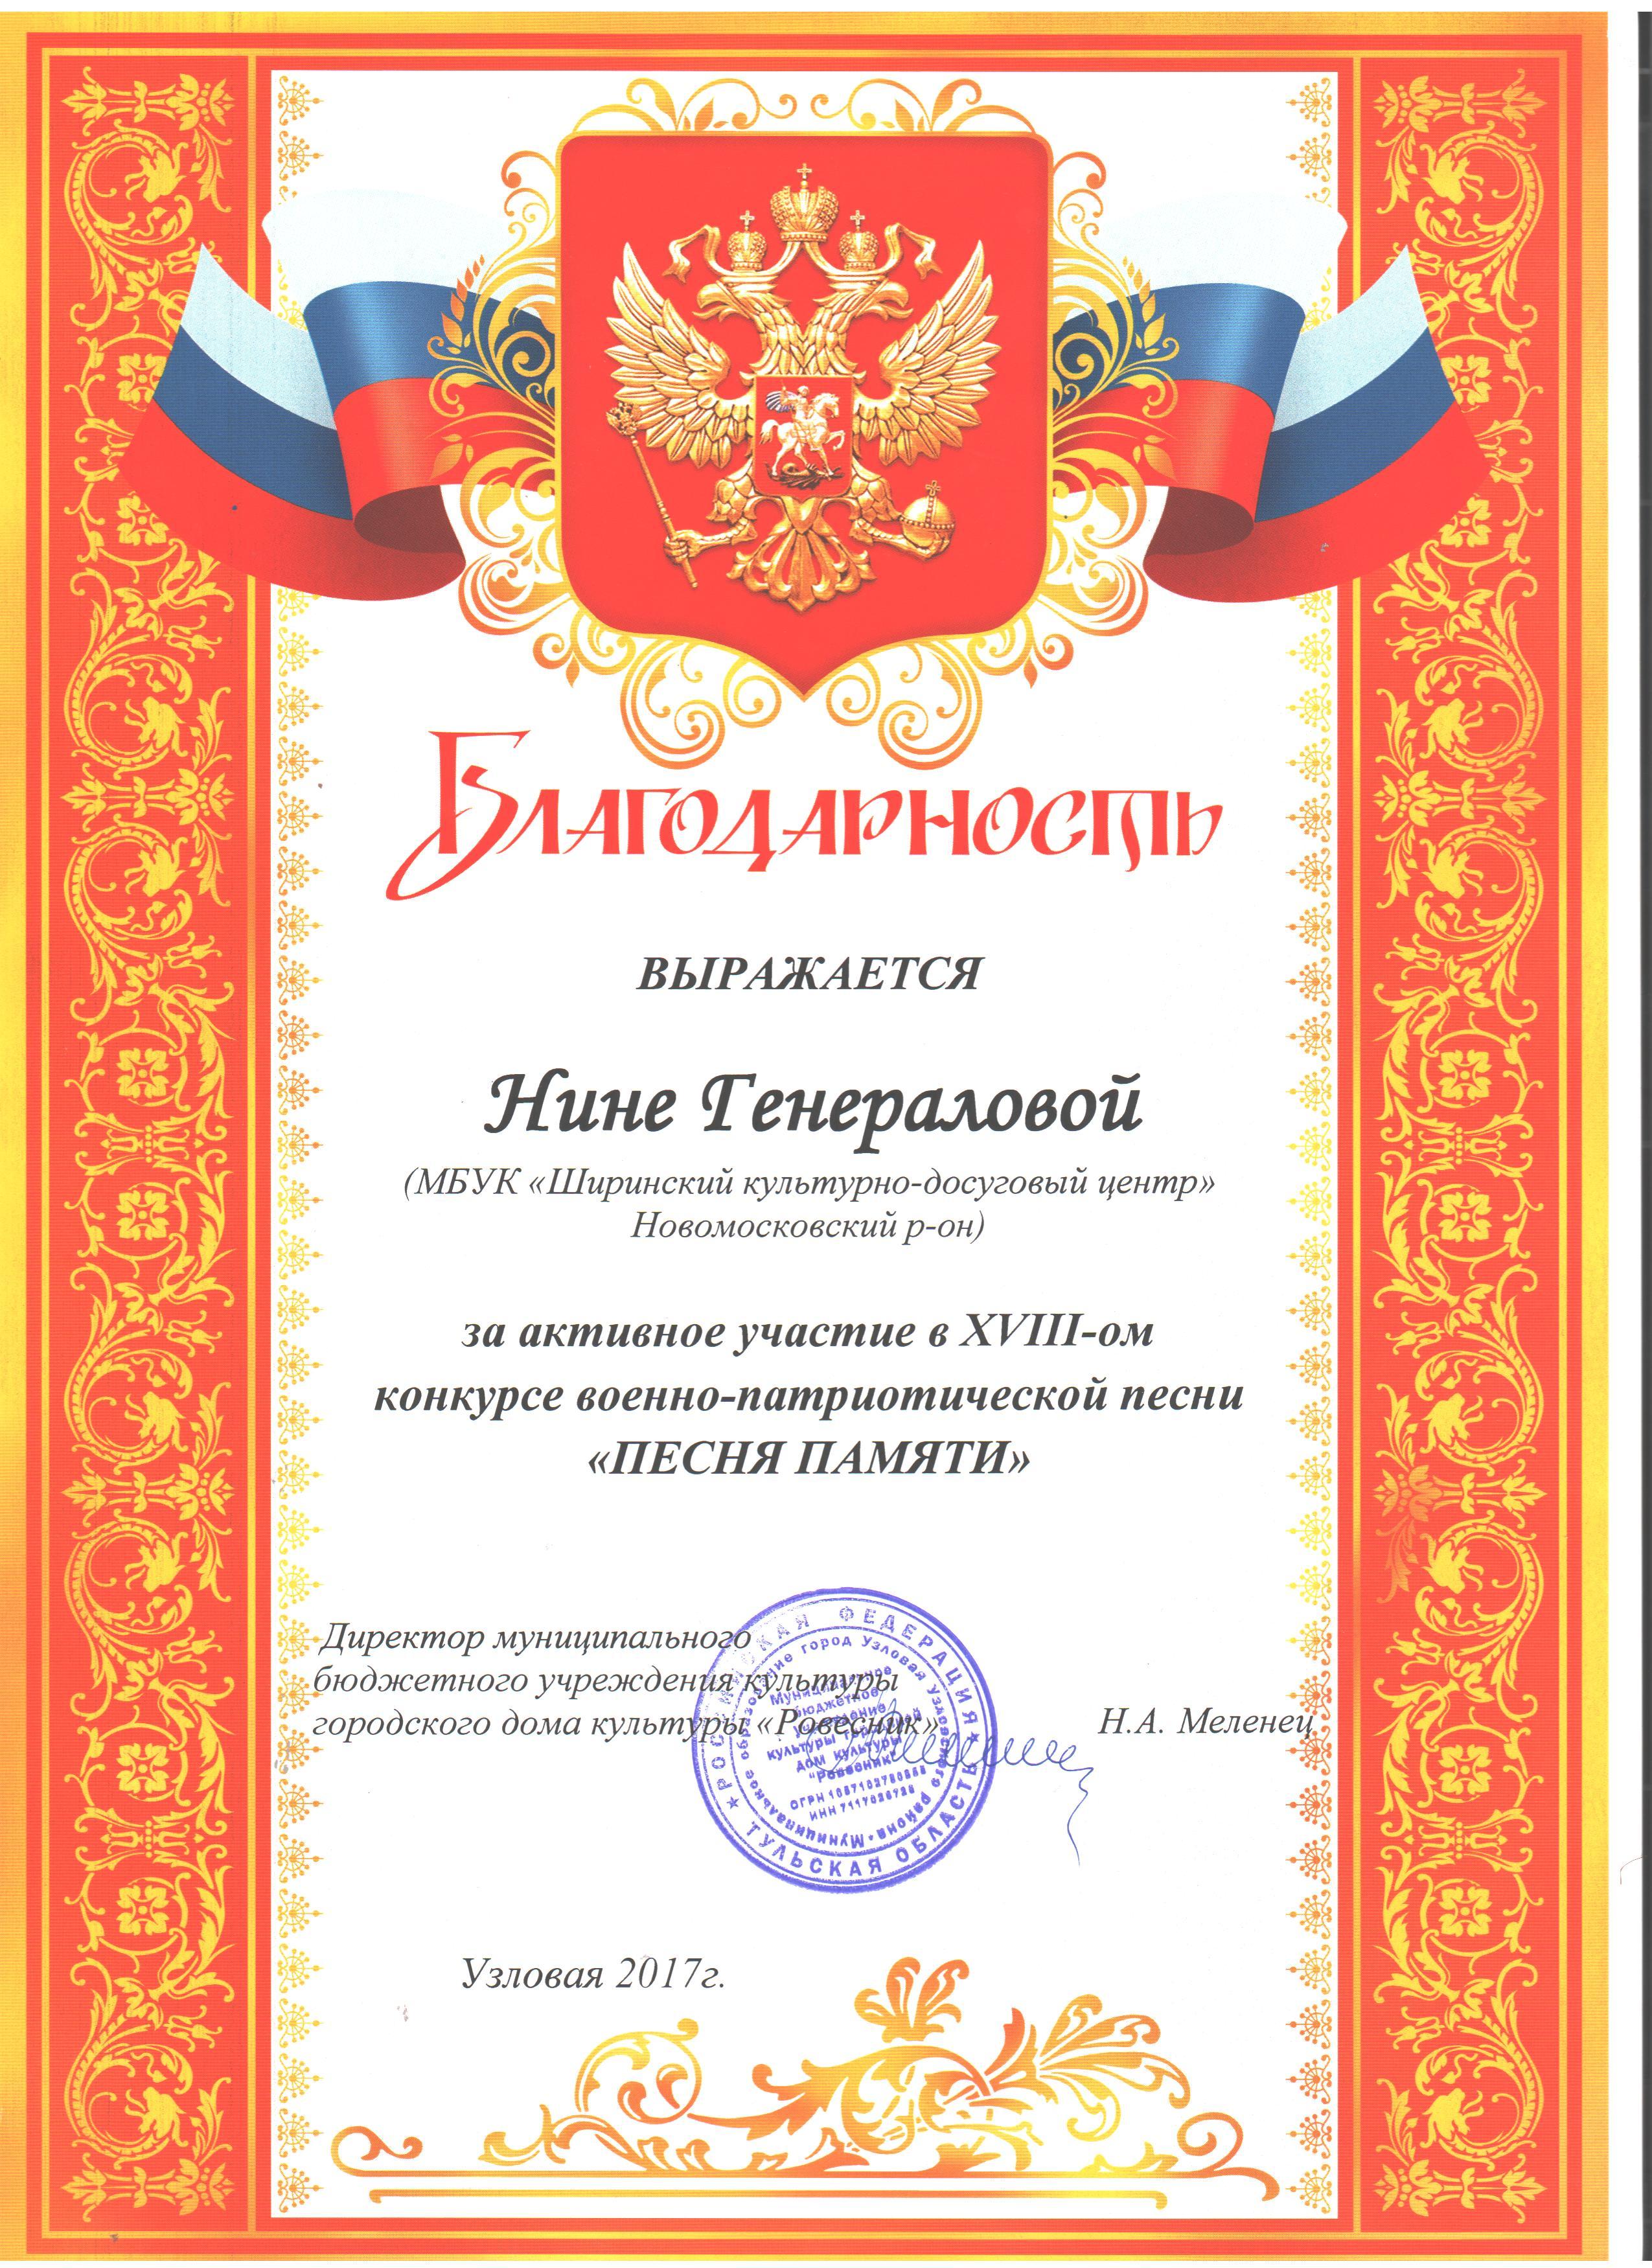 песни памяти Генералова НФ.